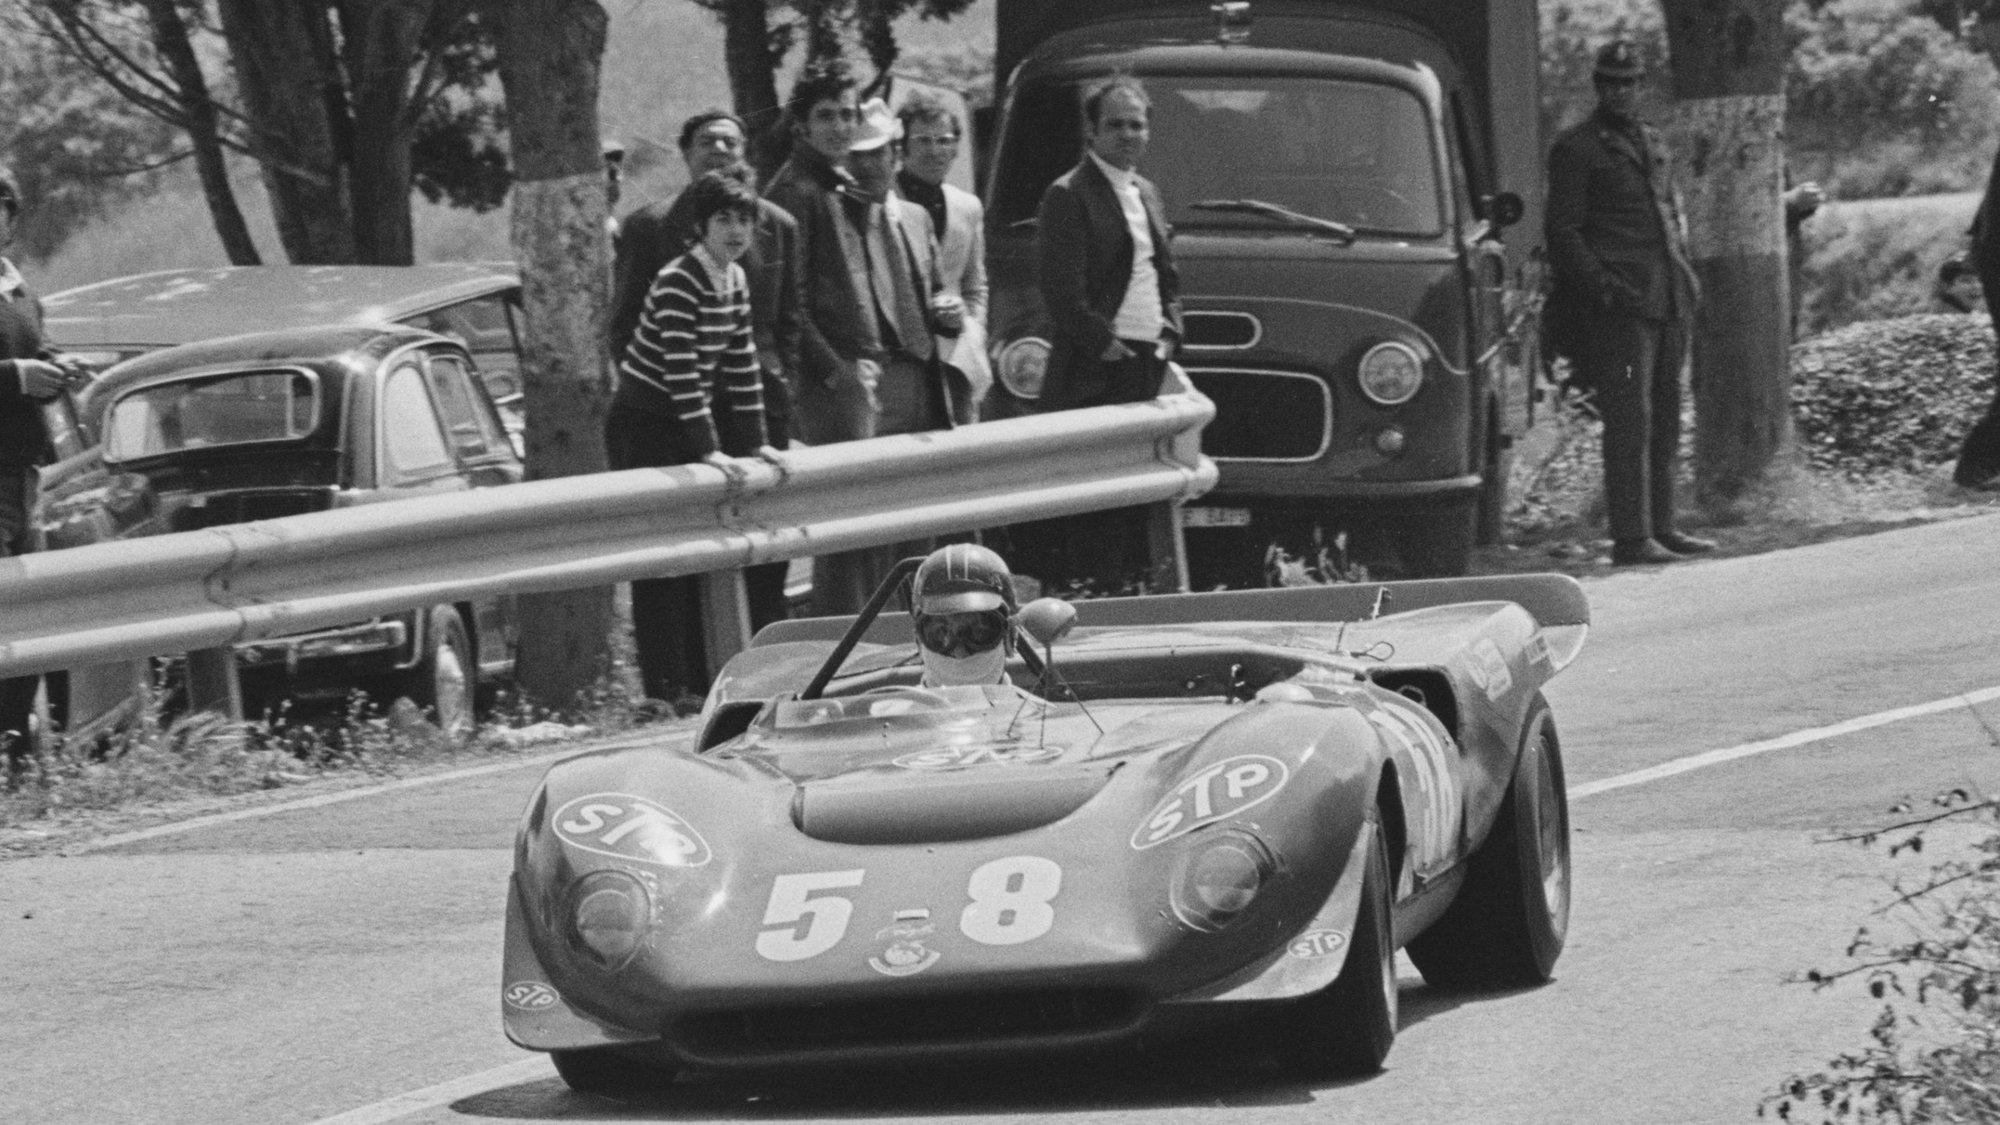 1966 Ferrari Dino 206S sports racer